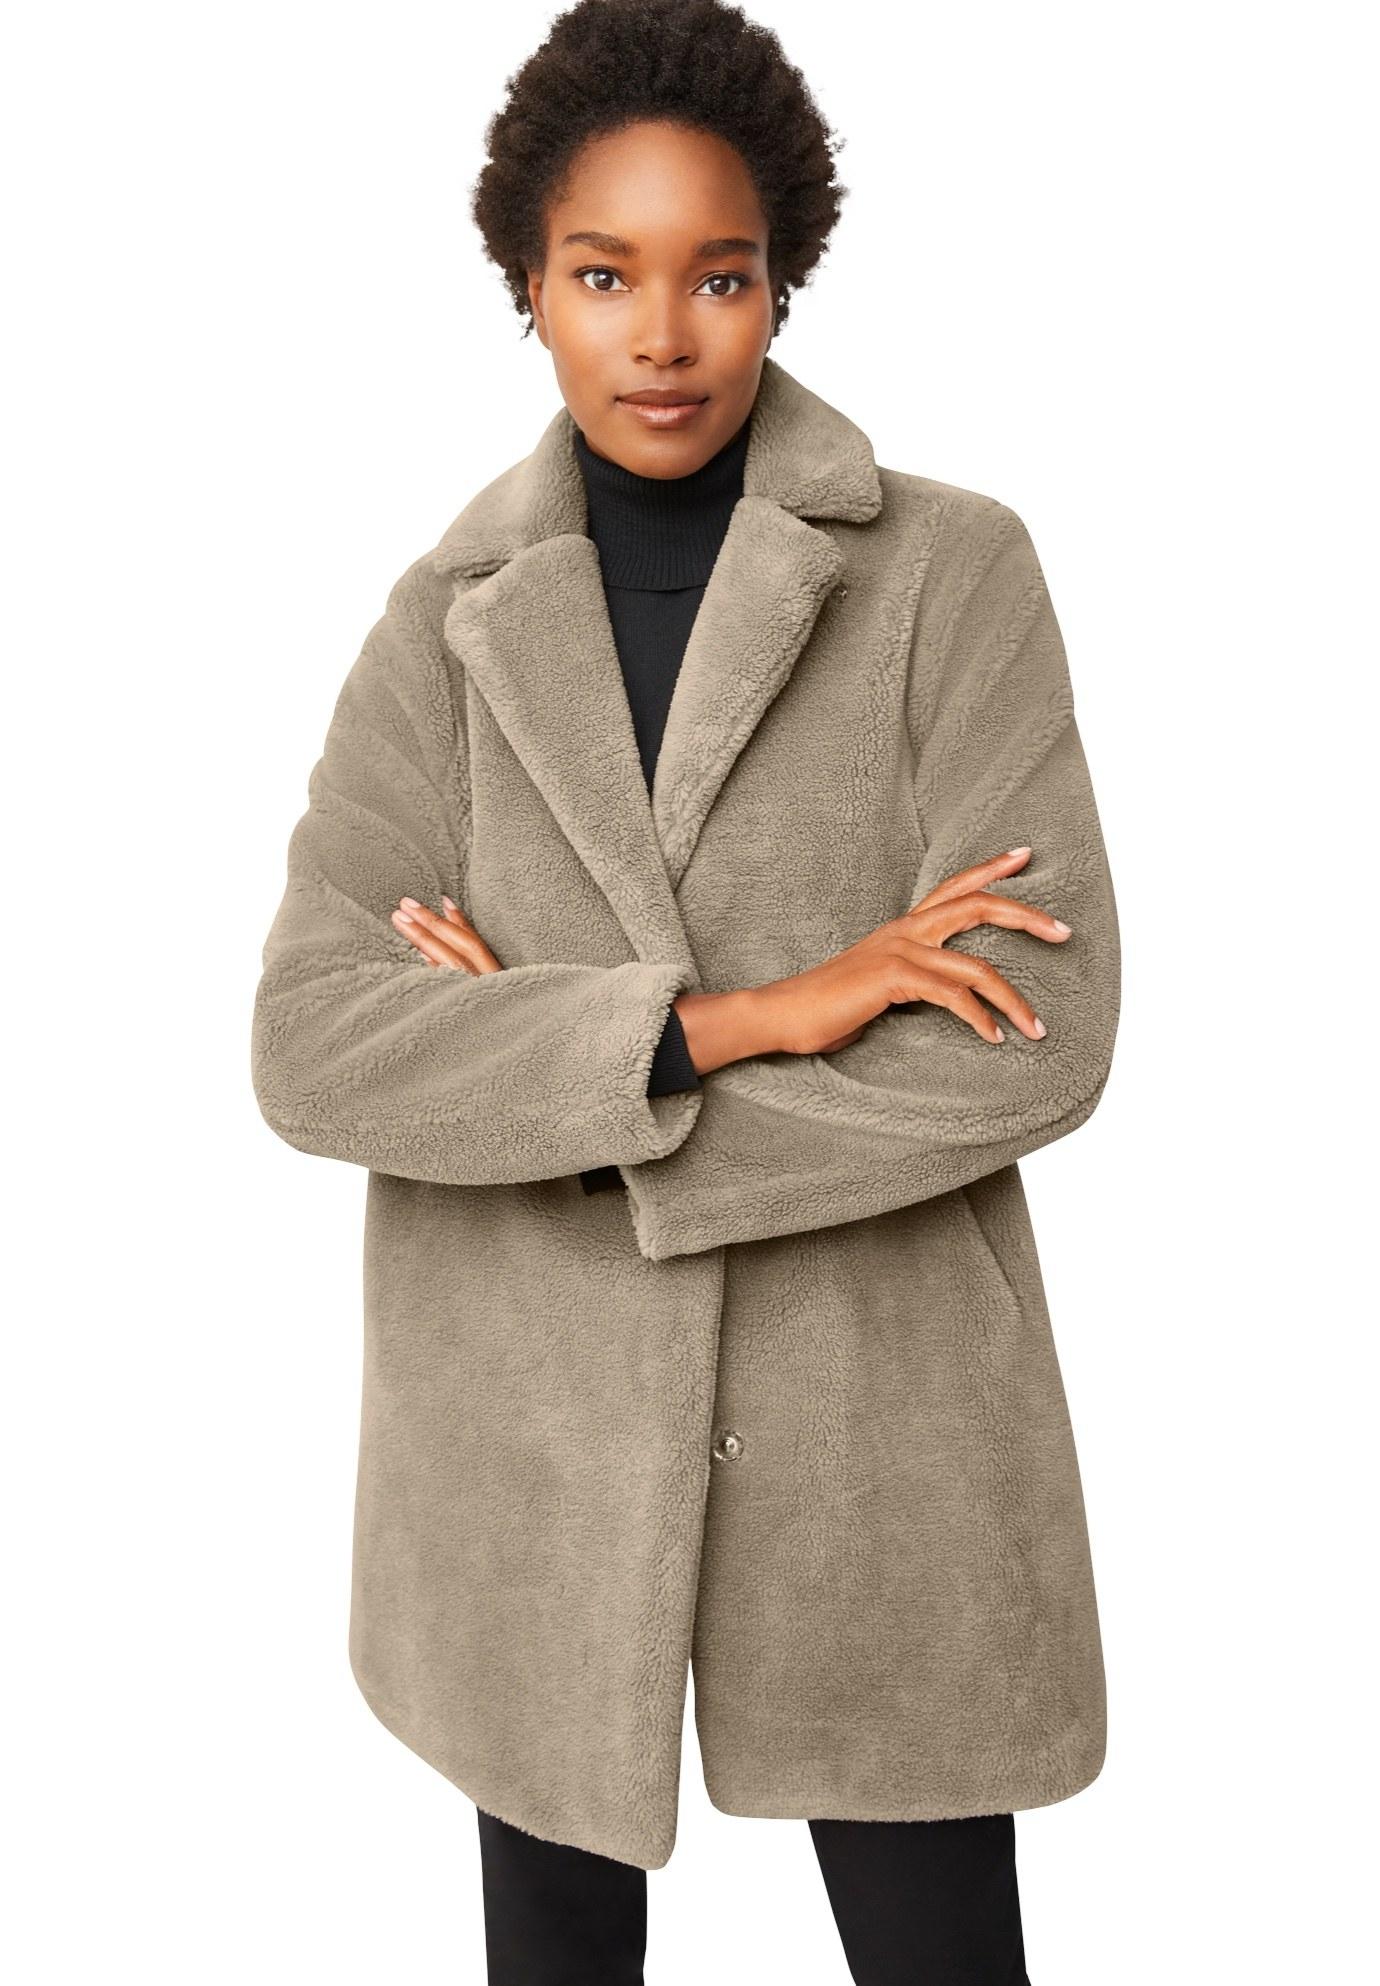 Model in faux fur teddy coat